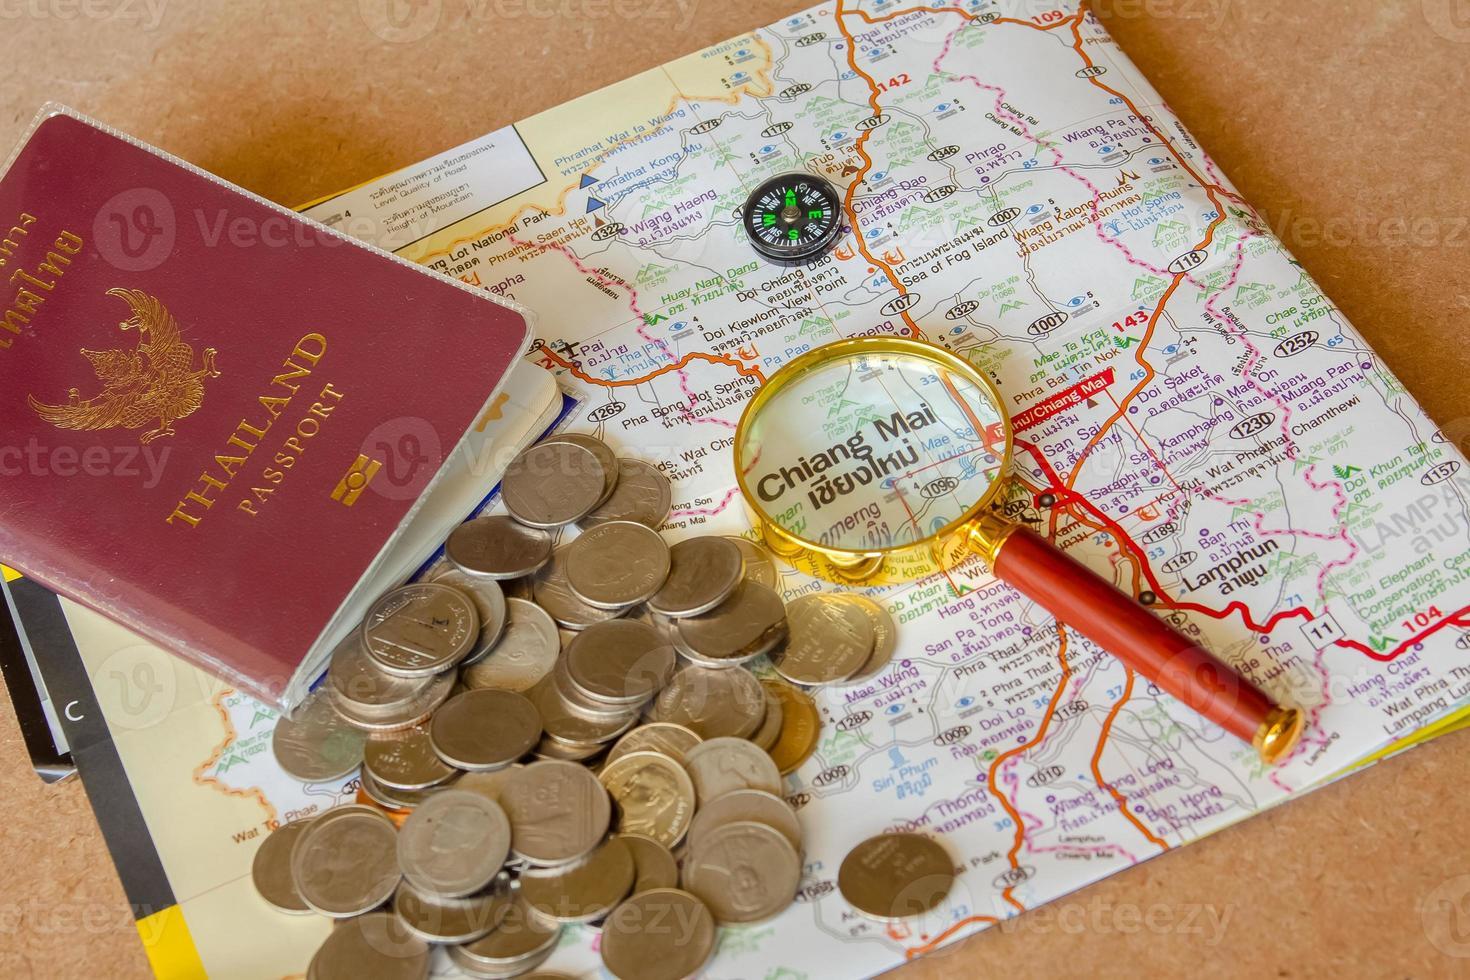 paspoort naar thailand reizen thailand geniet van het besparen van geld. foto